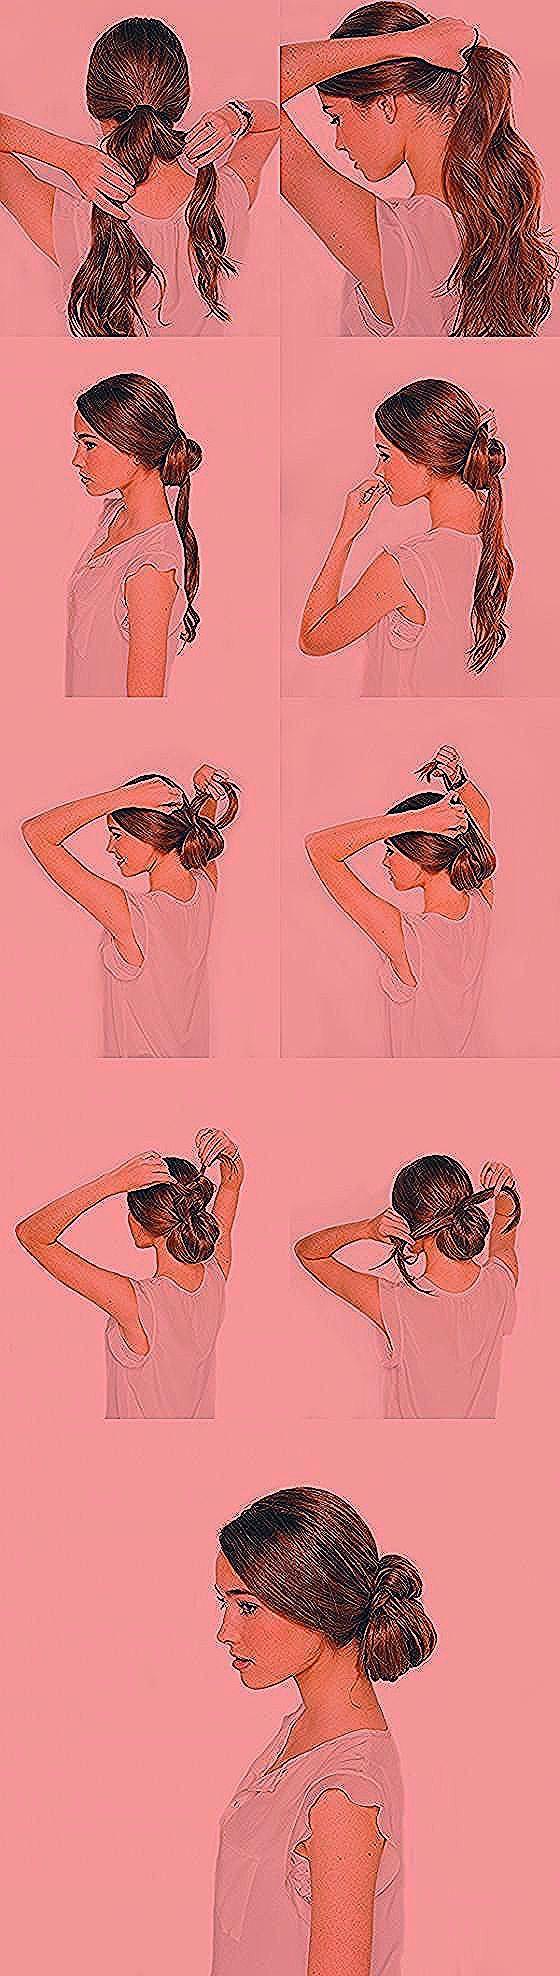 18 erstaunliche Ideen fr elegante Frisuren #hair #hairstyles #dutt #zopf #kurzha…